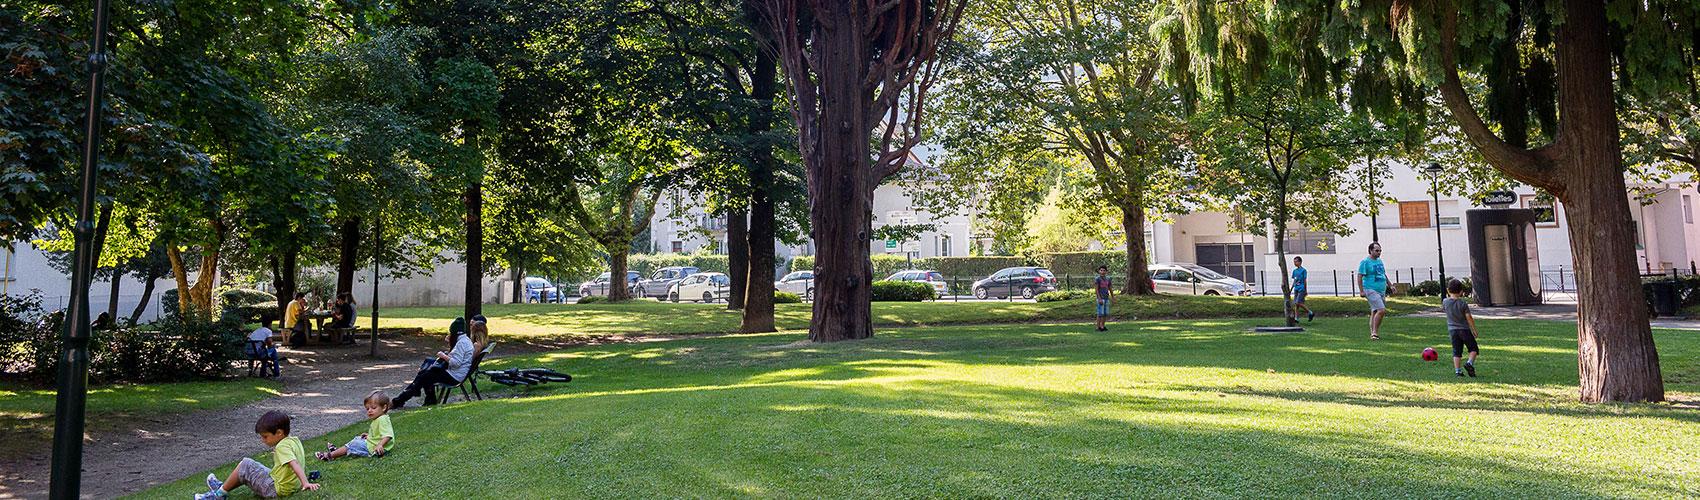 Parcs Et Jardins Wittersheim Amnagement Et Entretien De